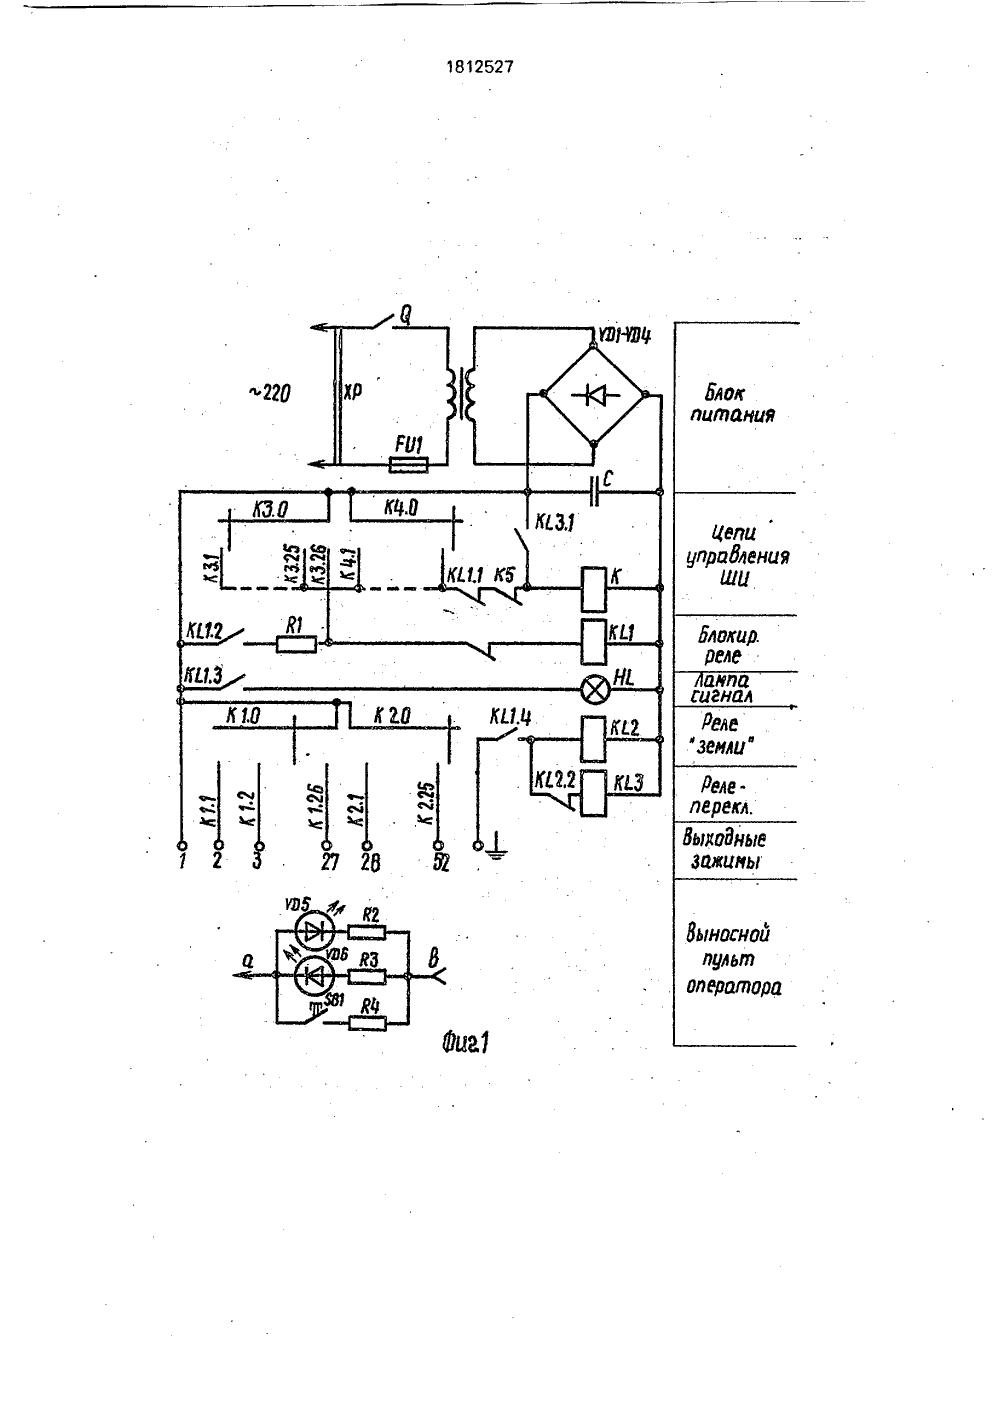 электро схема тестер с прозвонкой